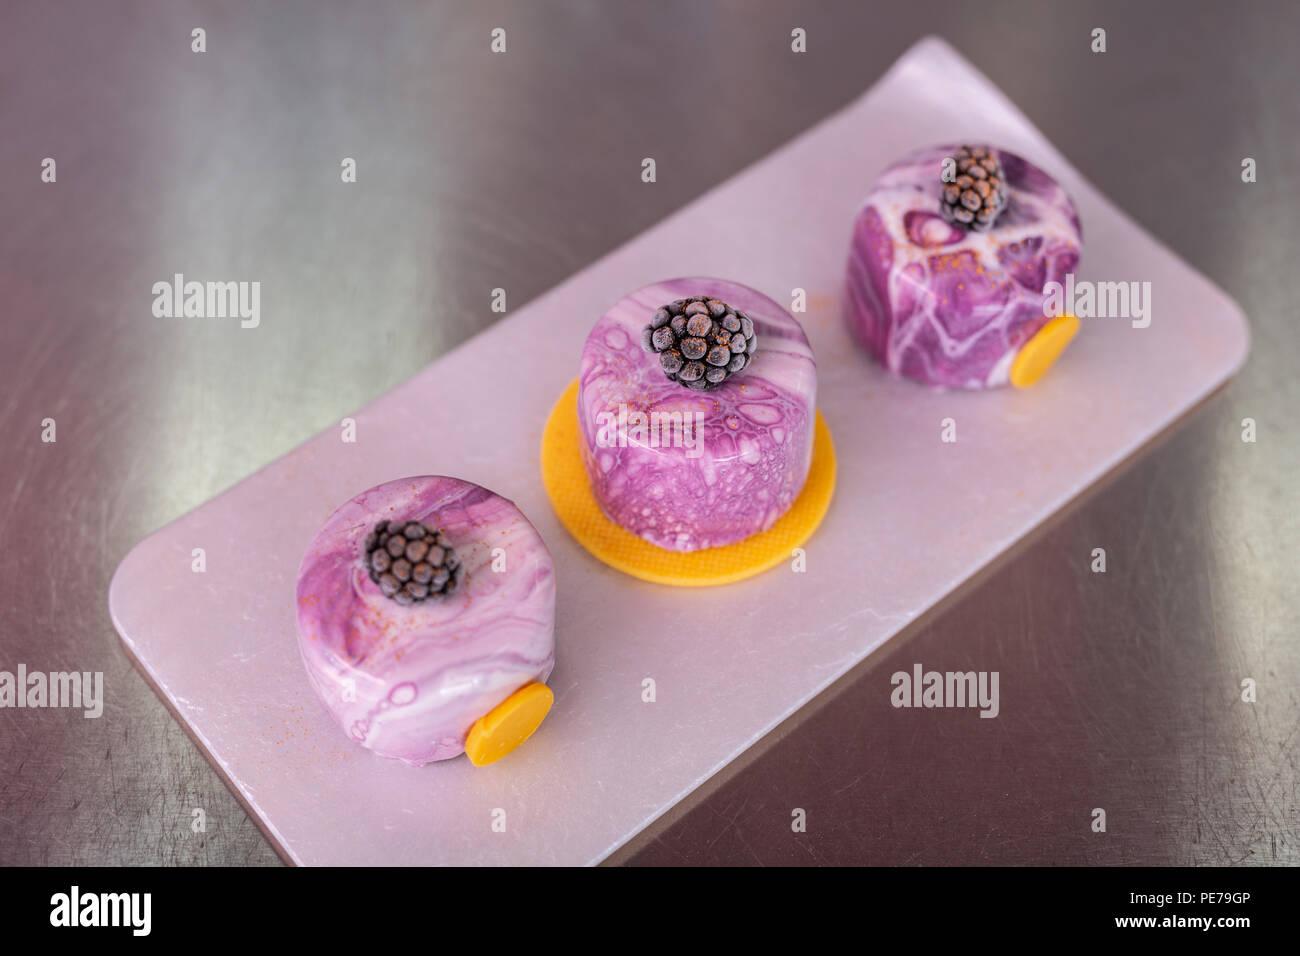 Vista superiore della perfetta mirtillo torte con glassa a specchio Immagini Stock